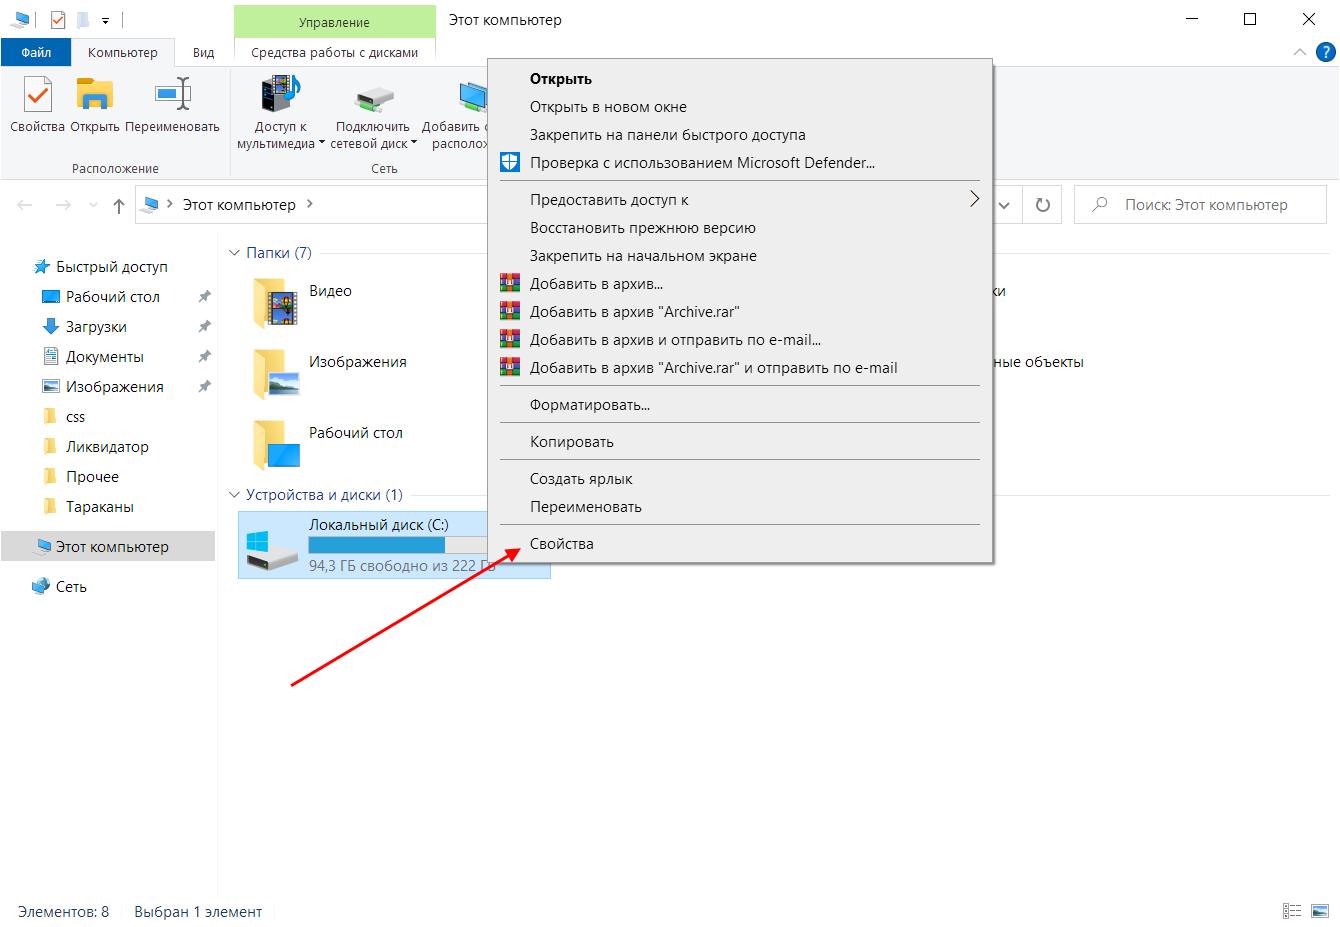 Как открыть общий доступ к диску в Windows 10